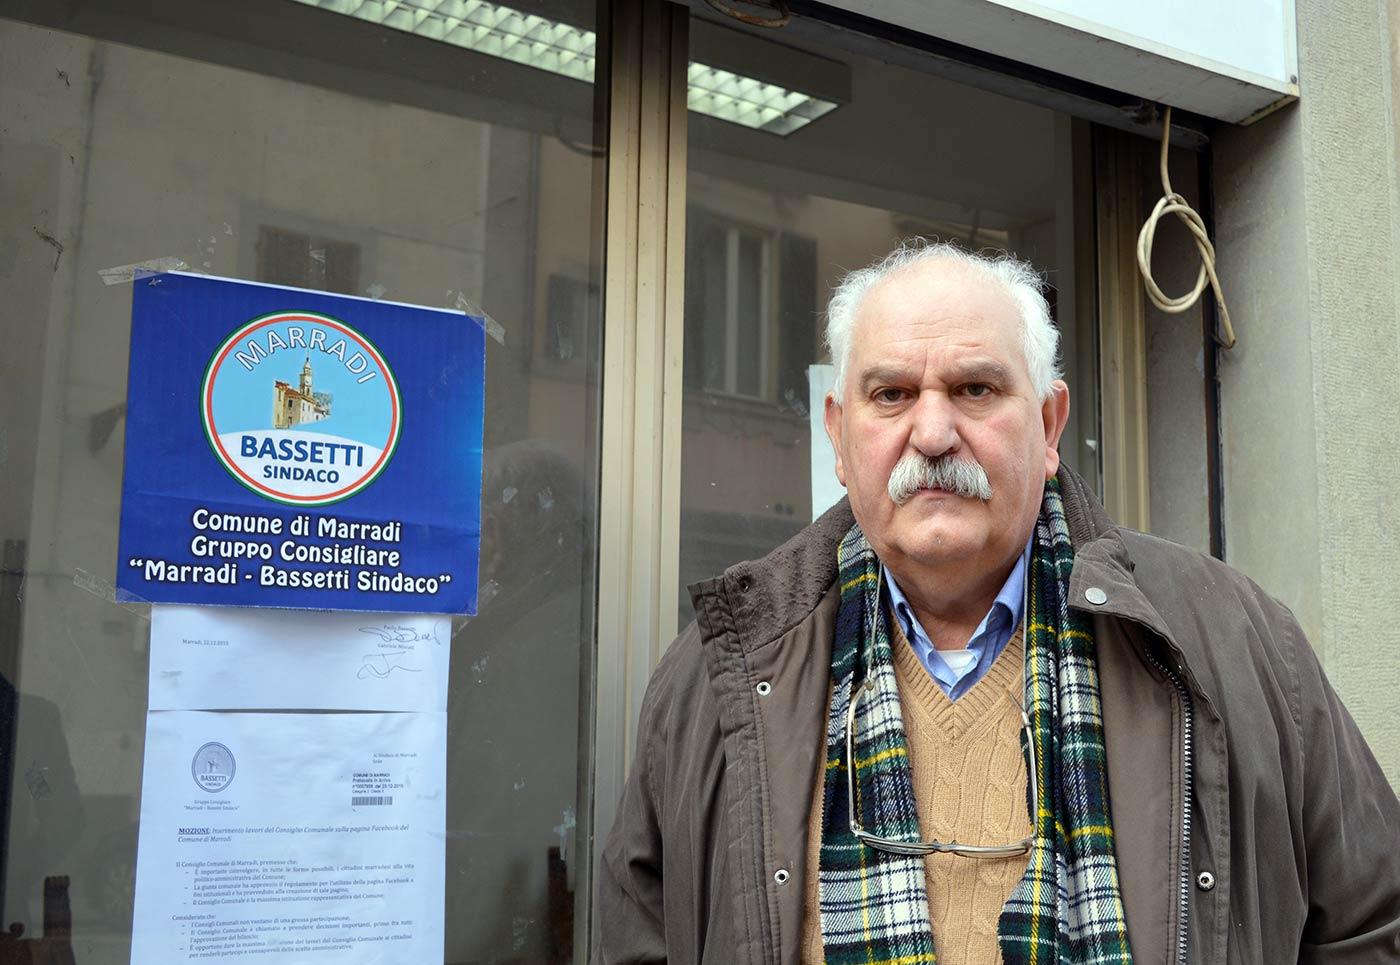 sala-ascolto-gruppo-consiliare-marradi-bassetti-sindaco-paolo-bassetti